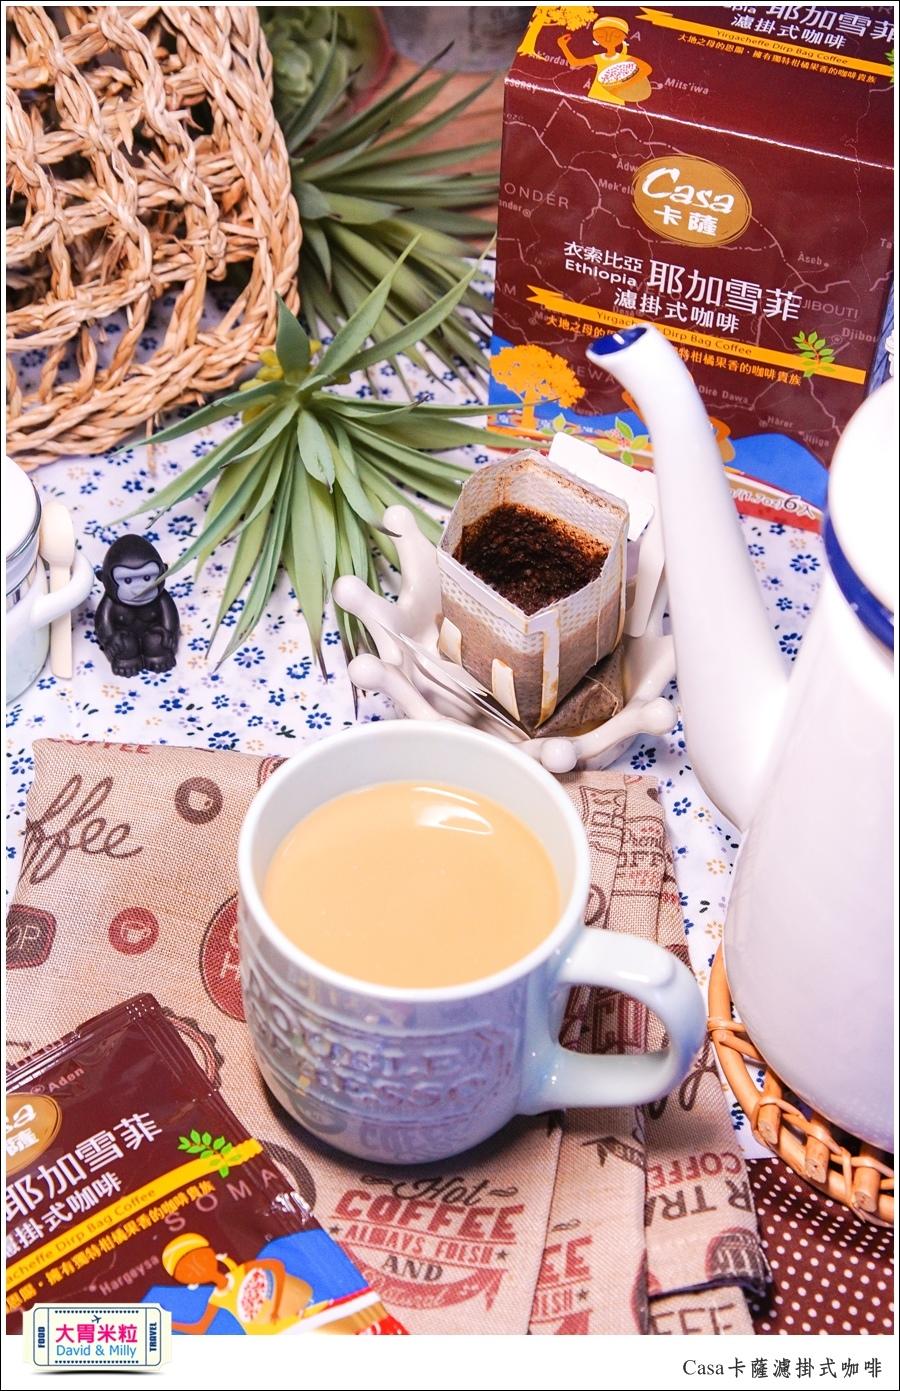 CASA卡薩濾掛式咖啡推薦-耶加雪菲咖啡@大胃米粒0019.jpg